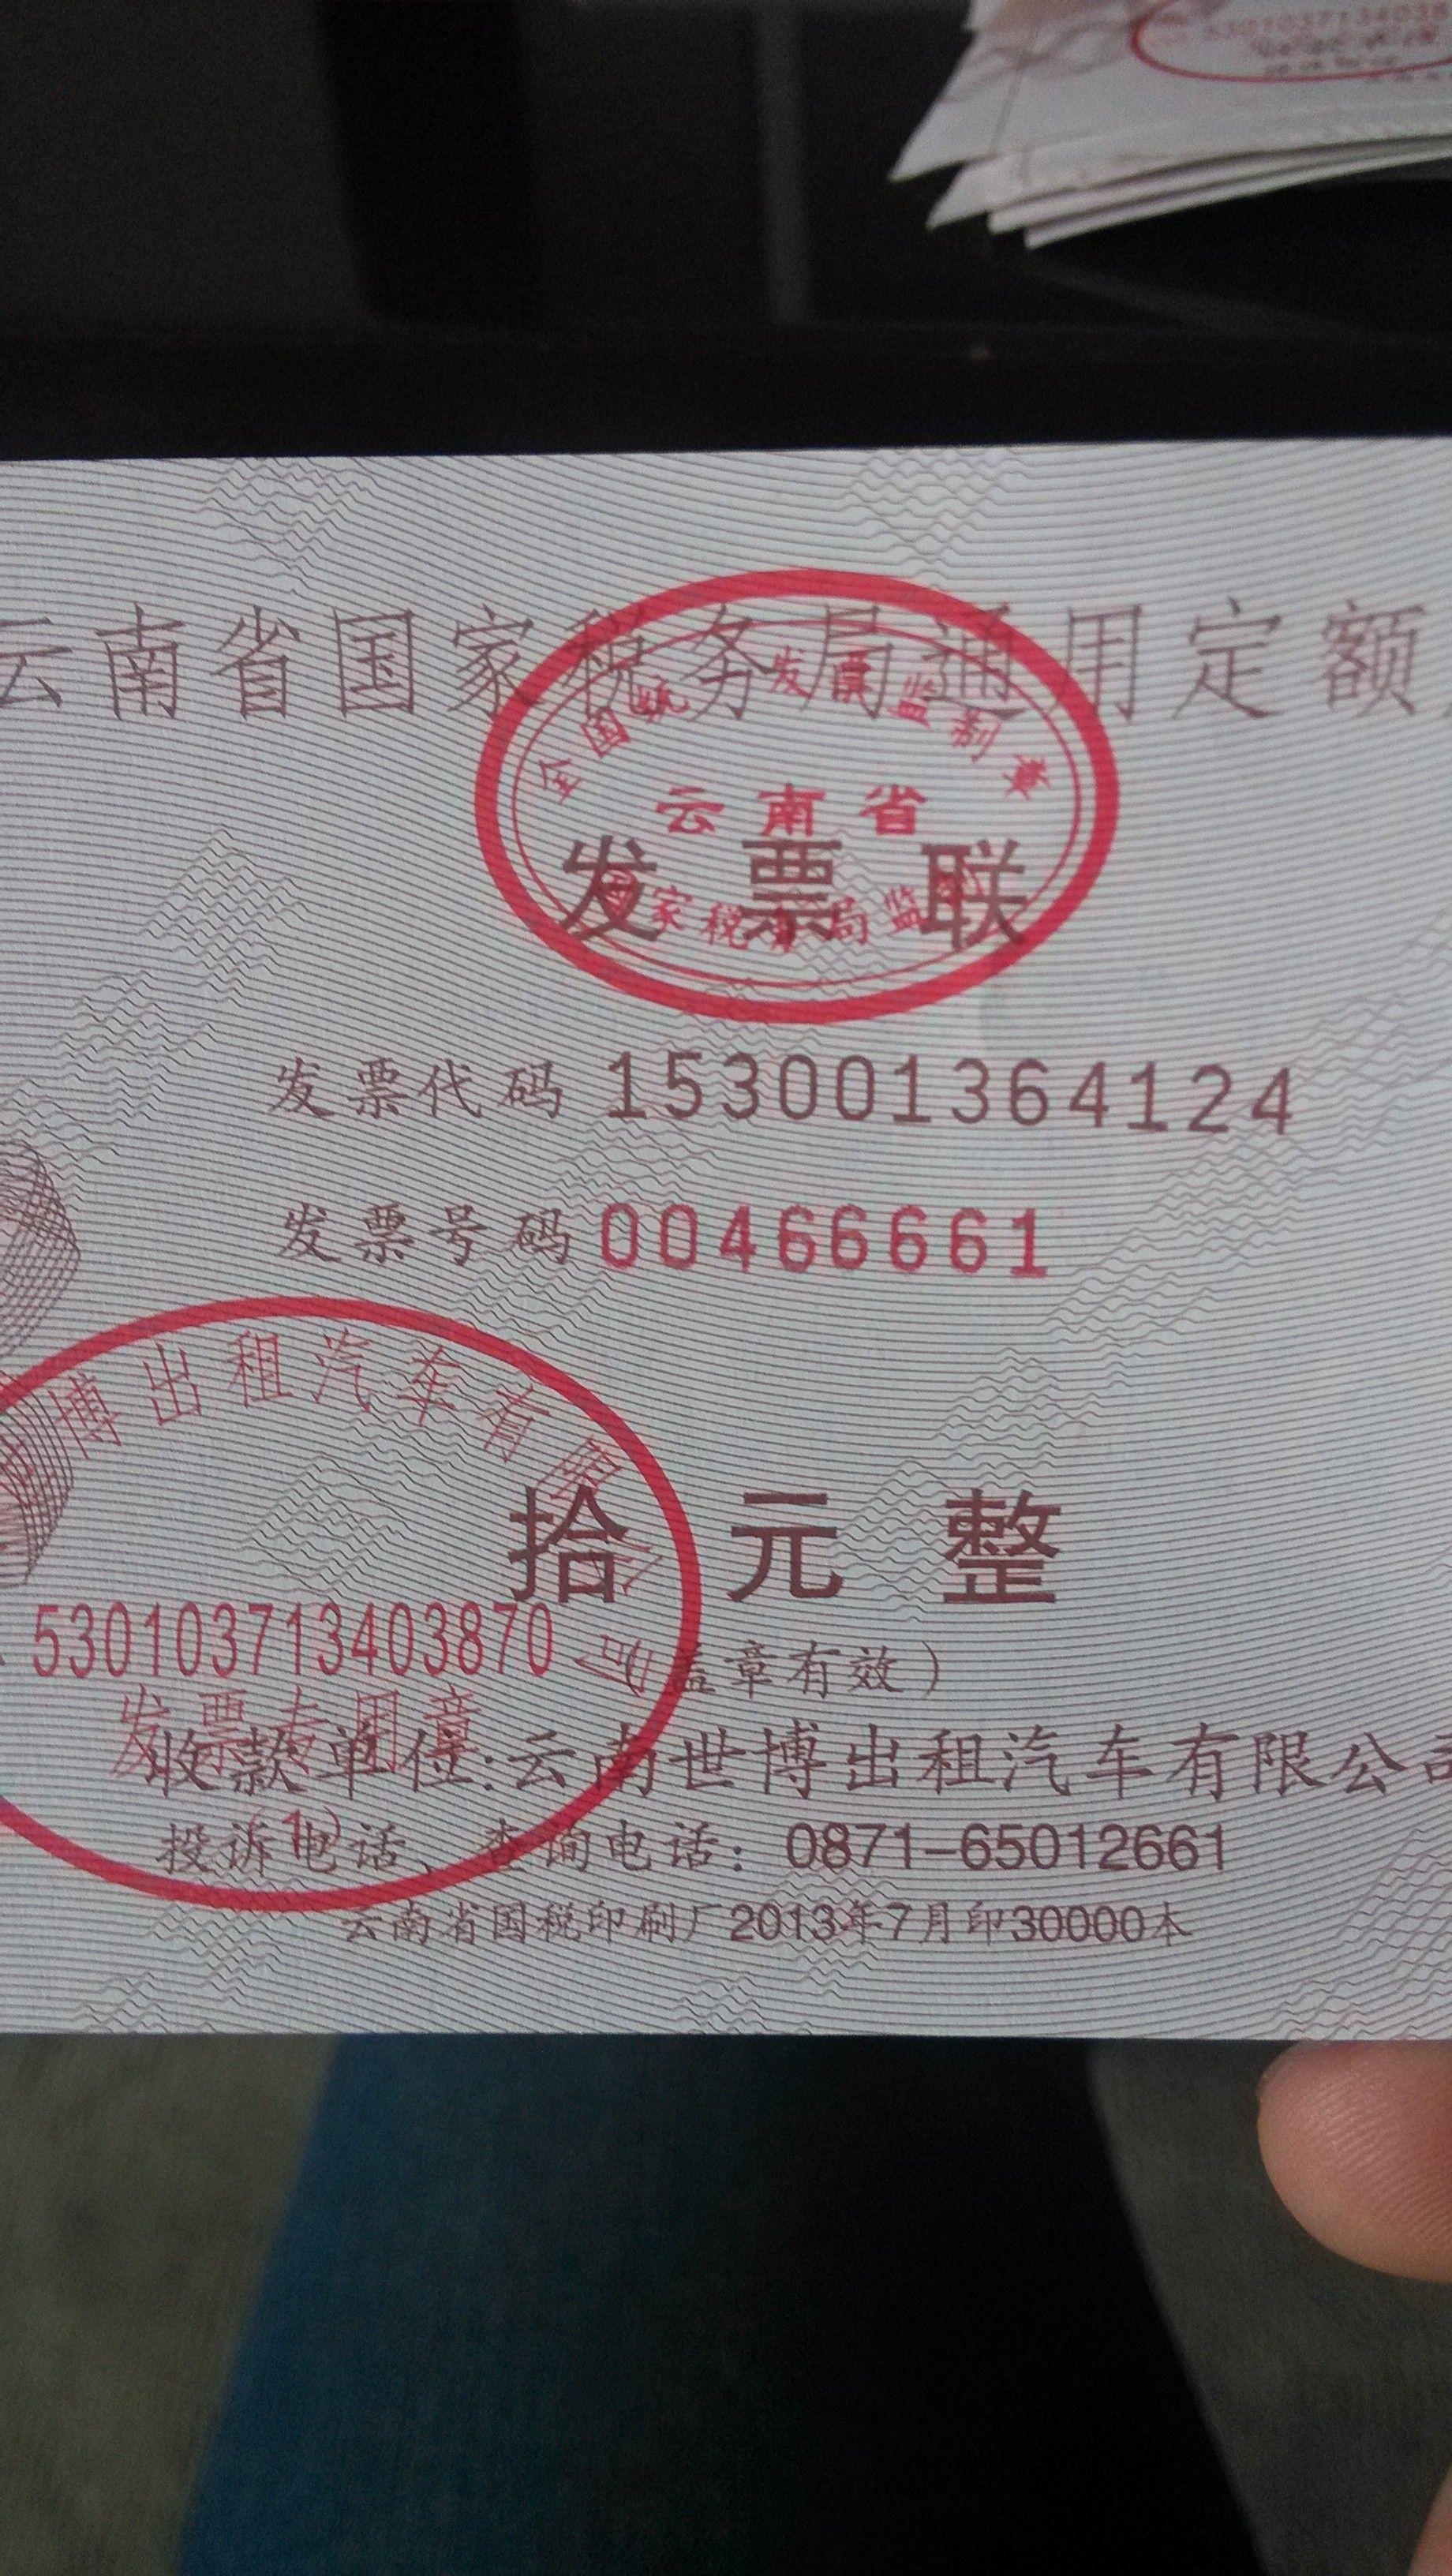 请问我国税局每个月的定额是2万元,然后6月份超过了了